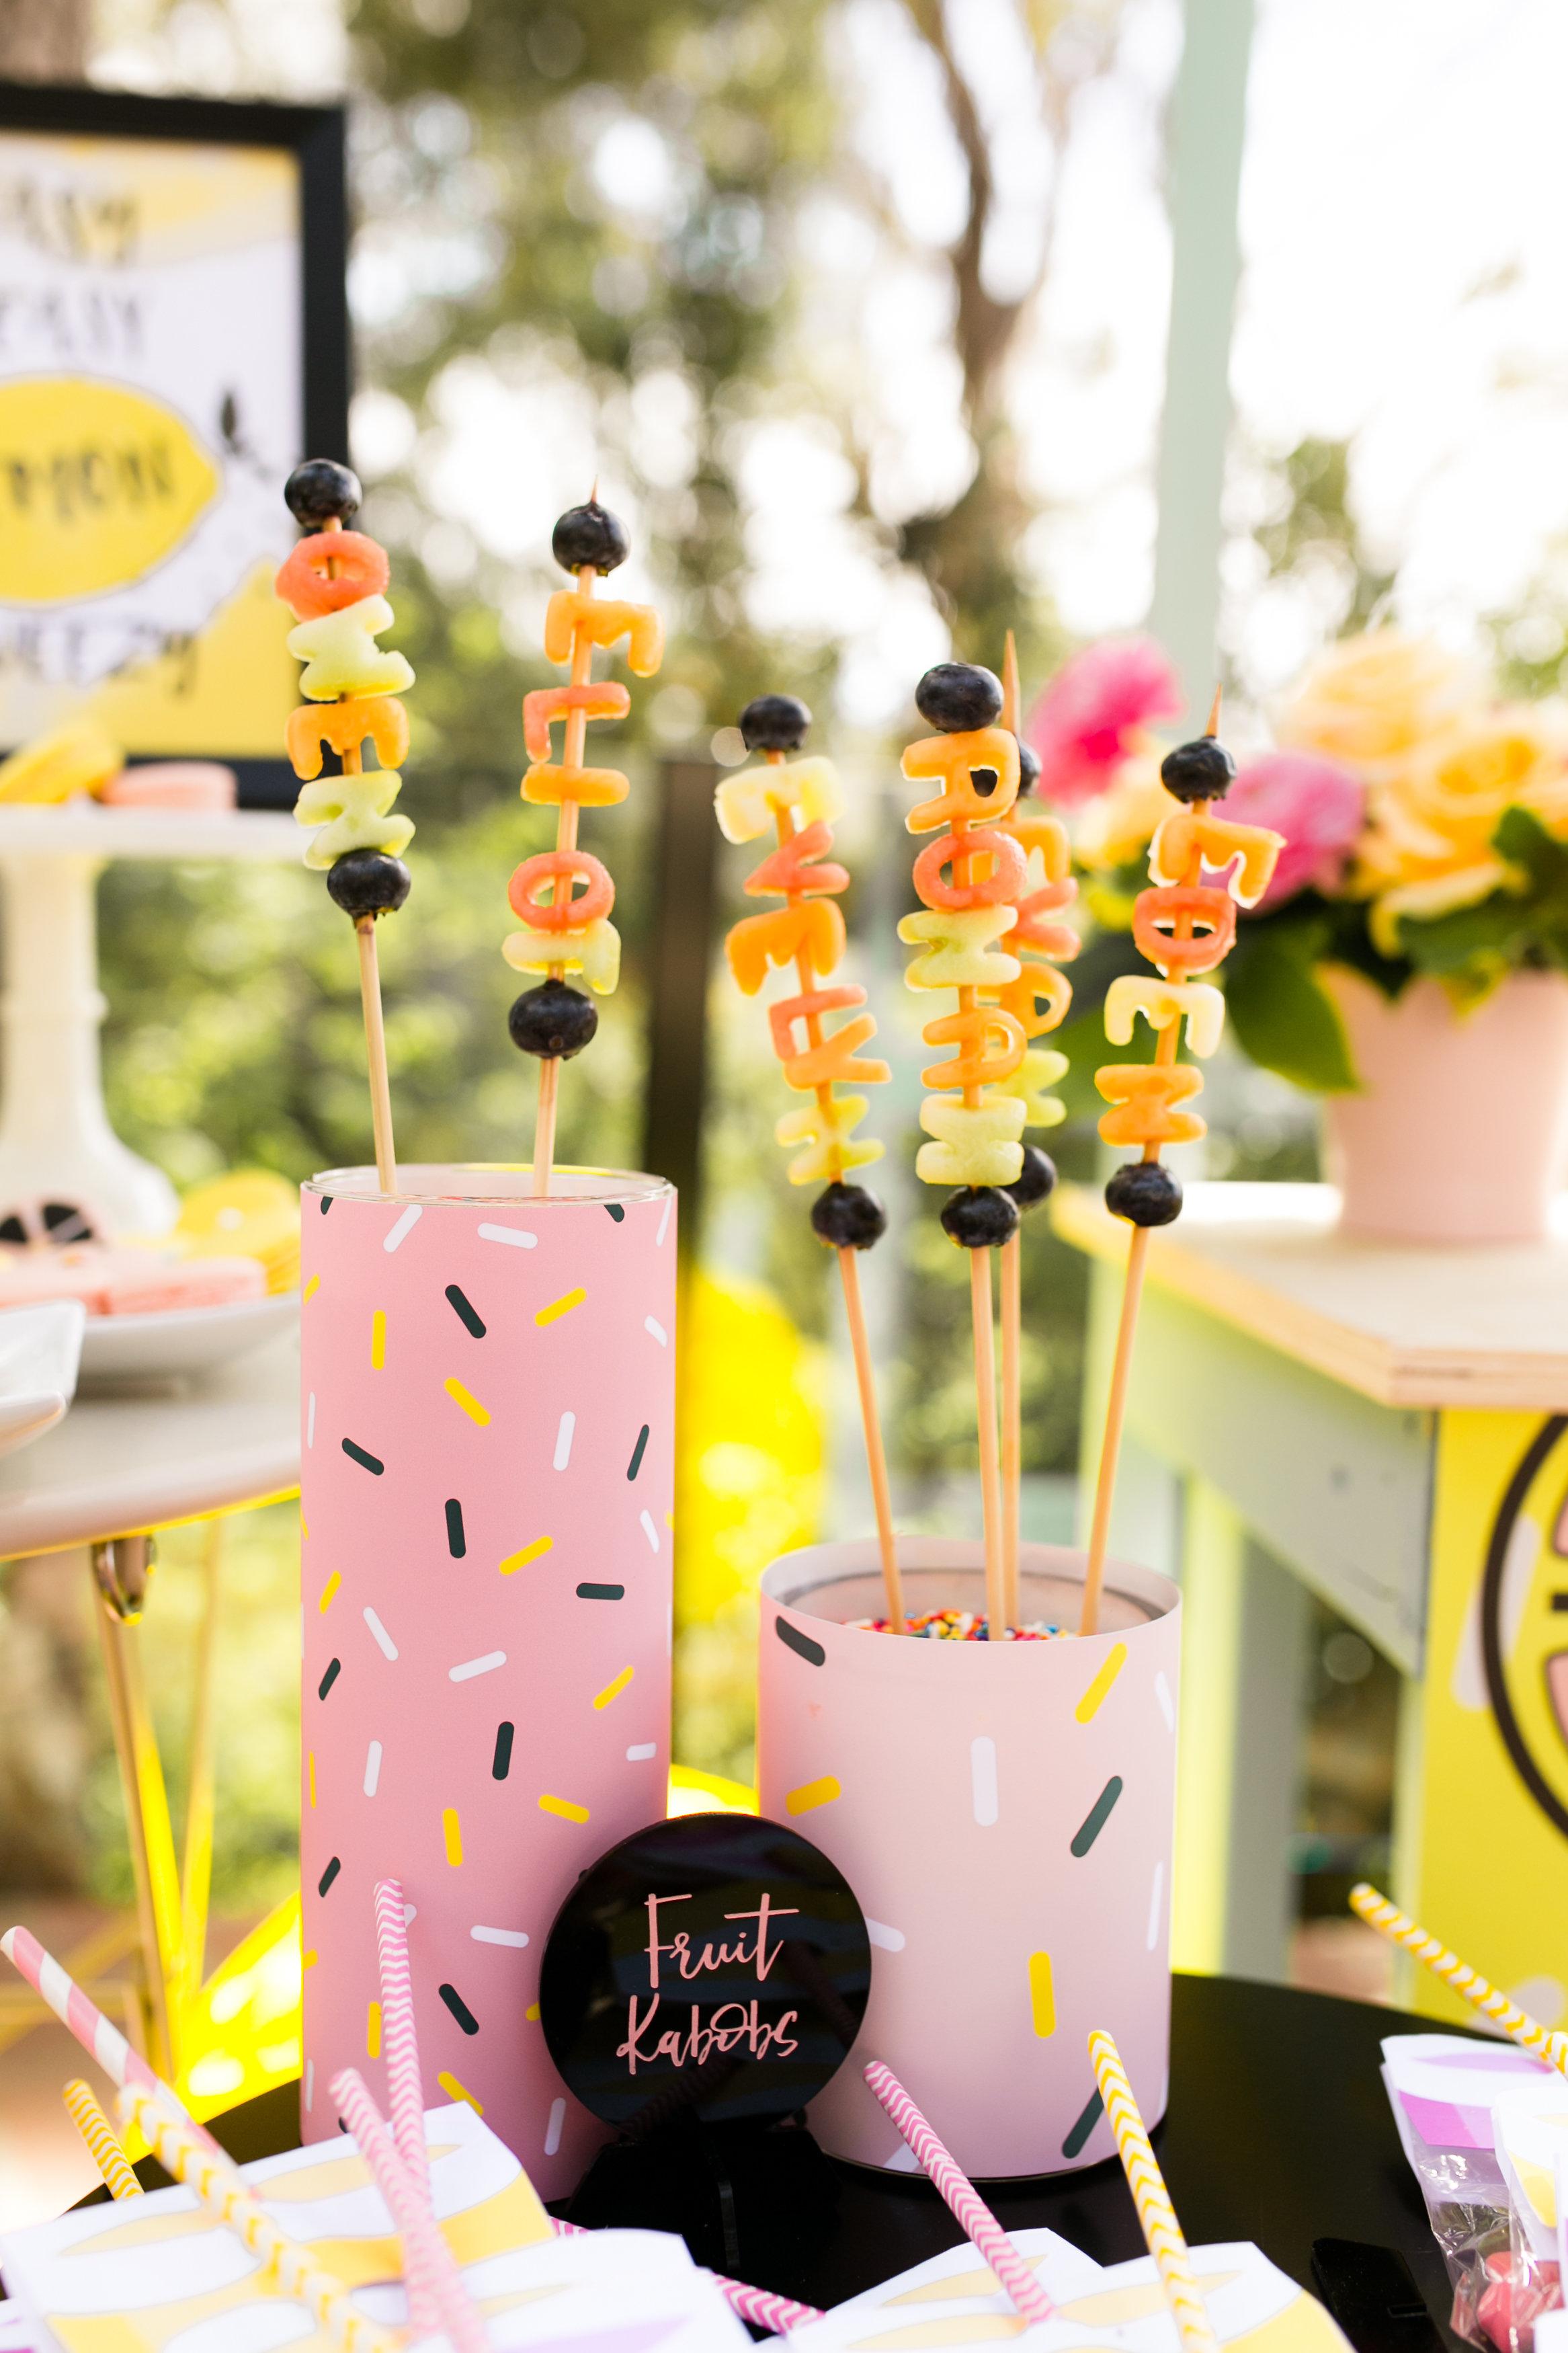 Lemonade Kids Birthday Party Food Inso - Fruit Name Skewers DIY